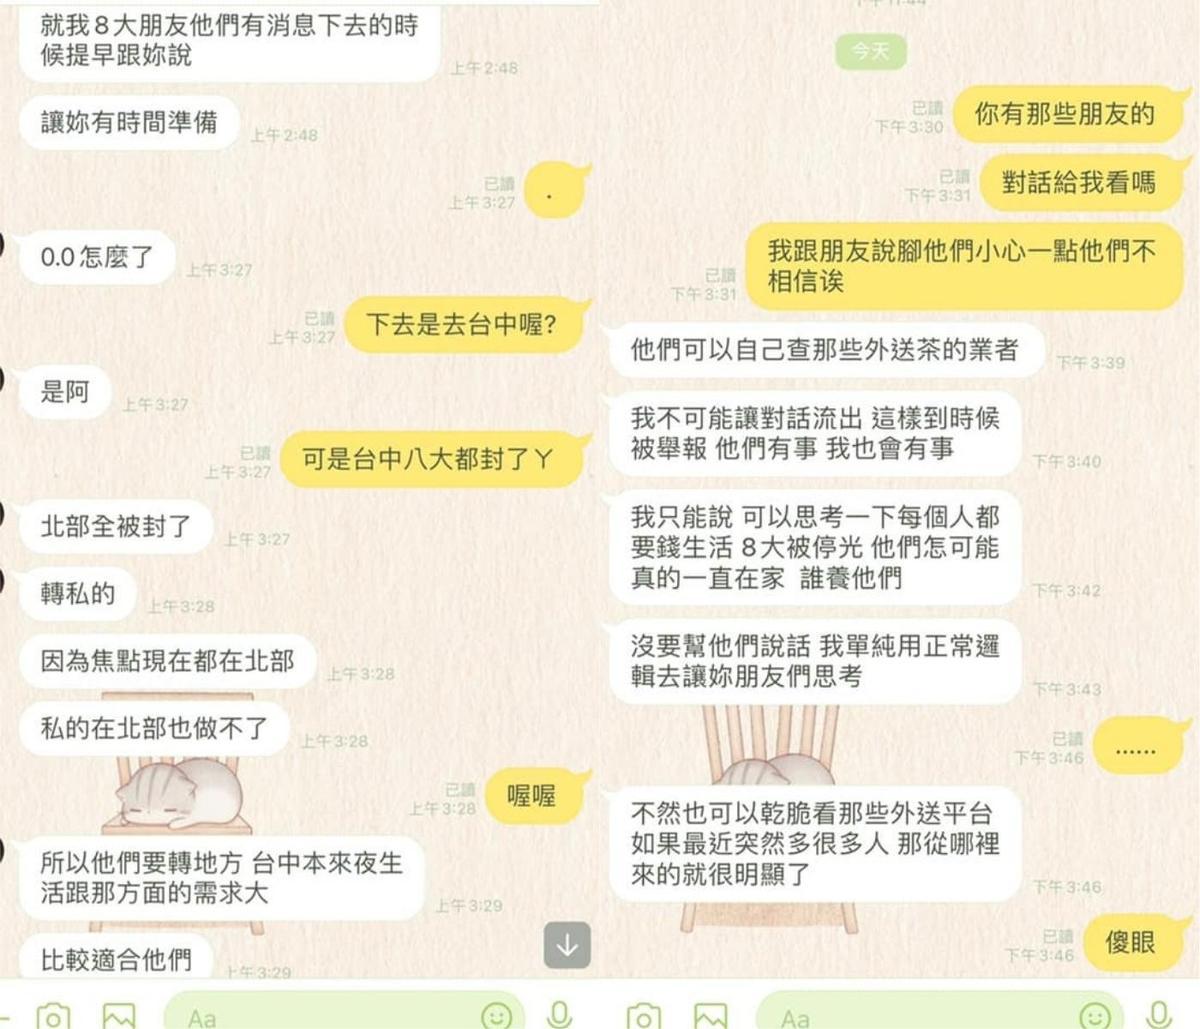 網友附上朋友揪他去台中「做私的」對話截圖。(翻攝「爆怨2公社」)